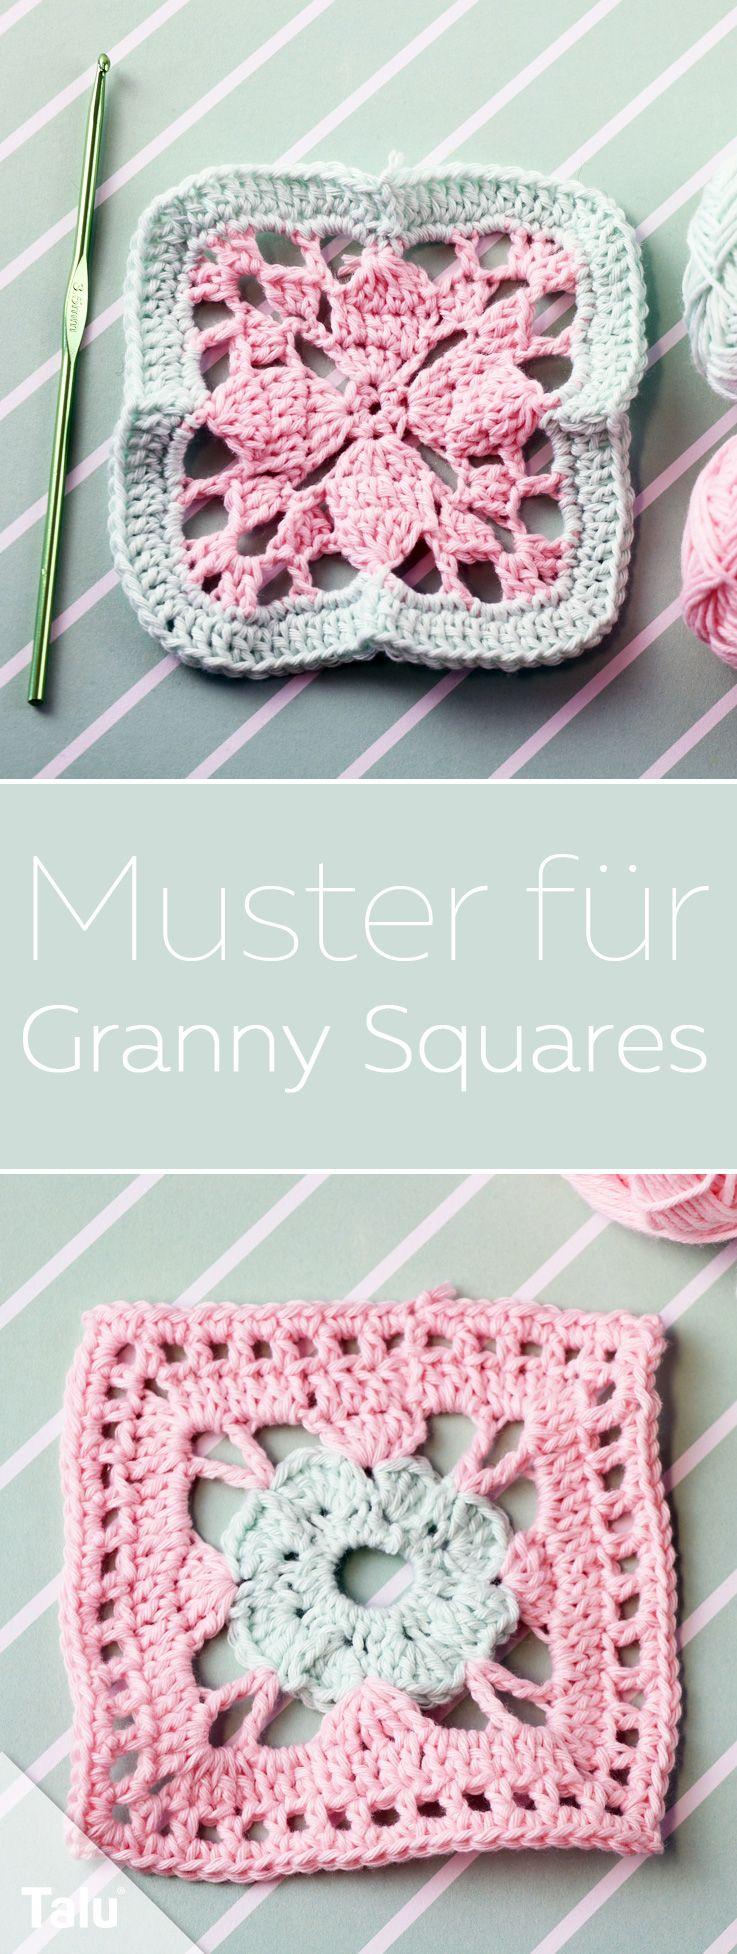 Muster Für Granny Squares Anleitung Und Ideen Zum Häkeln